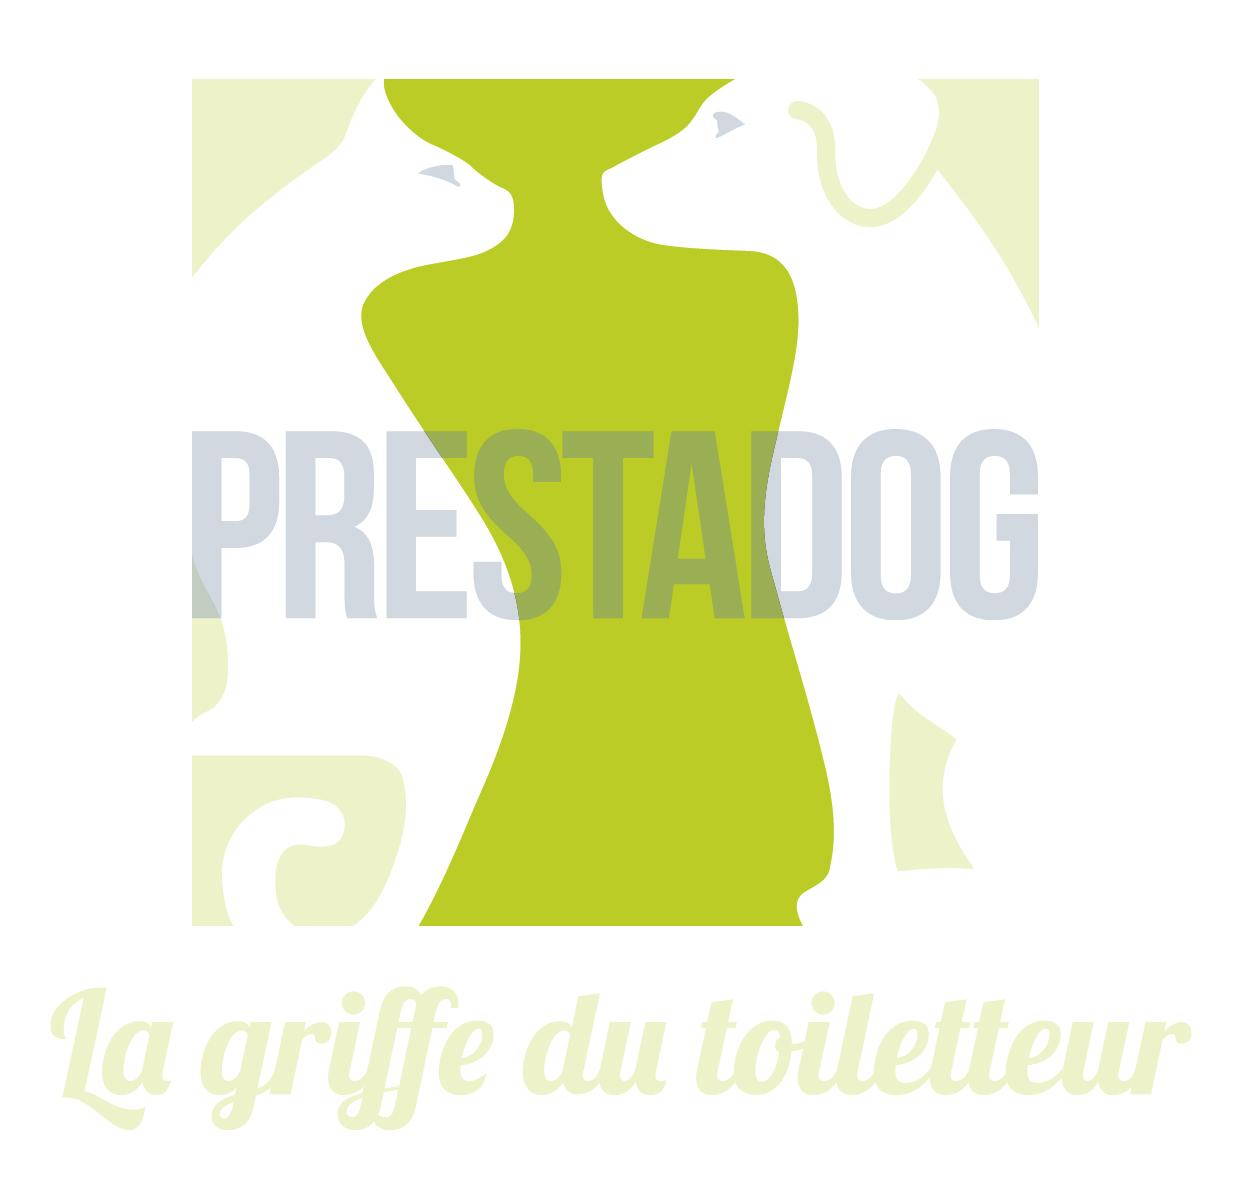 La toiletteuse au centre du logo Prestadog